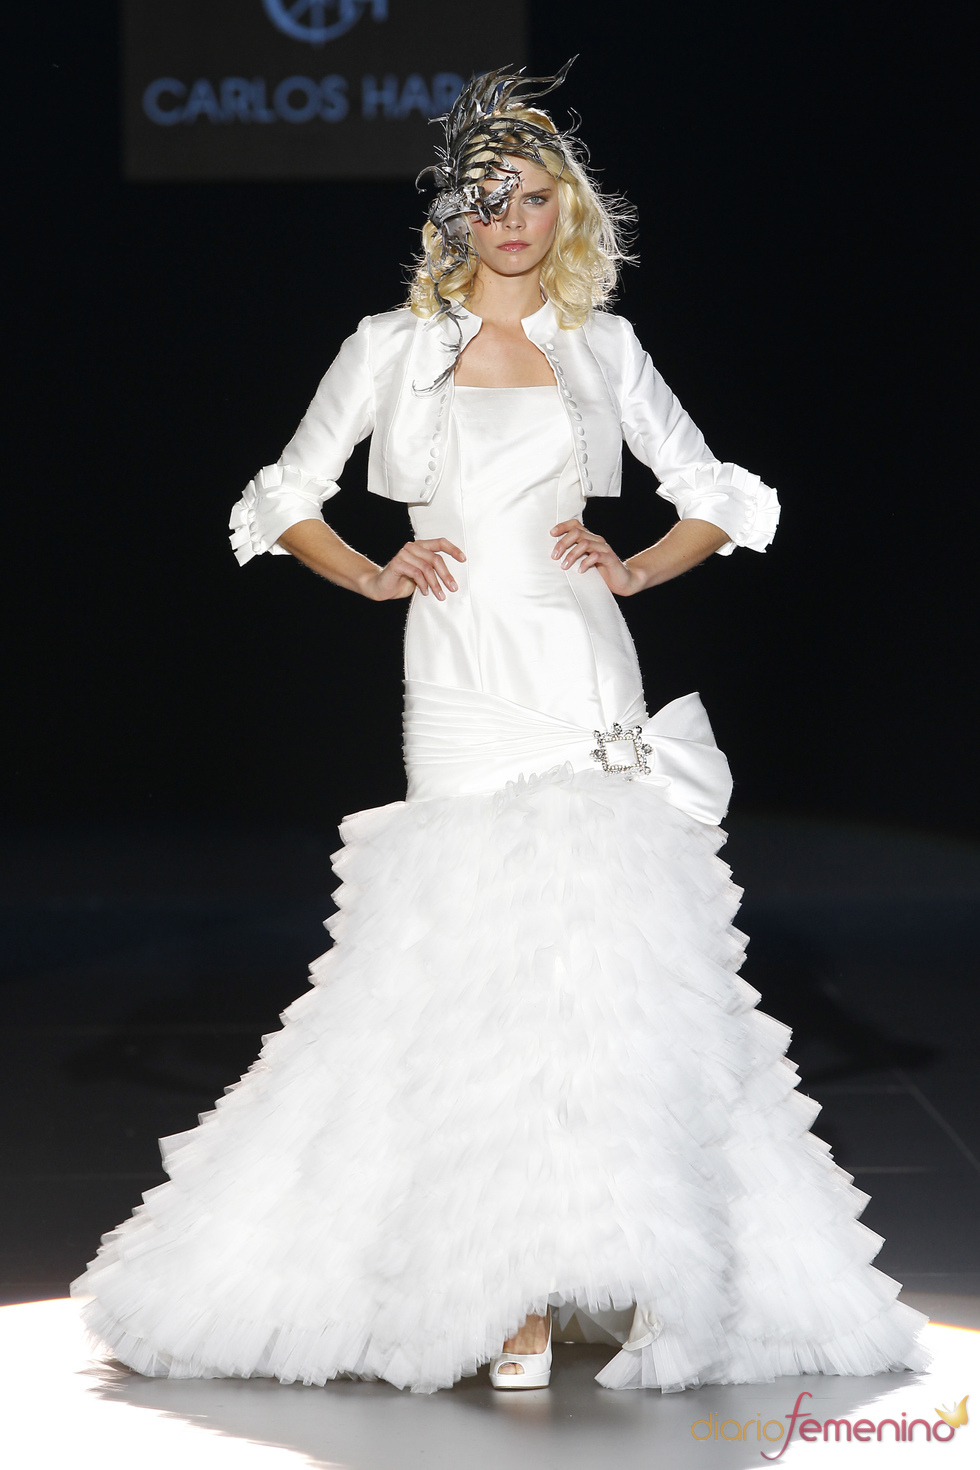 Carlos Haro viste a la novia de 2011